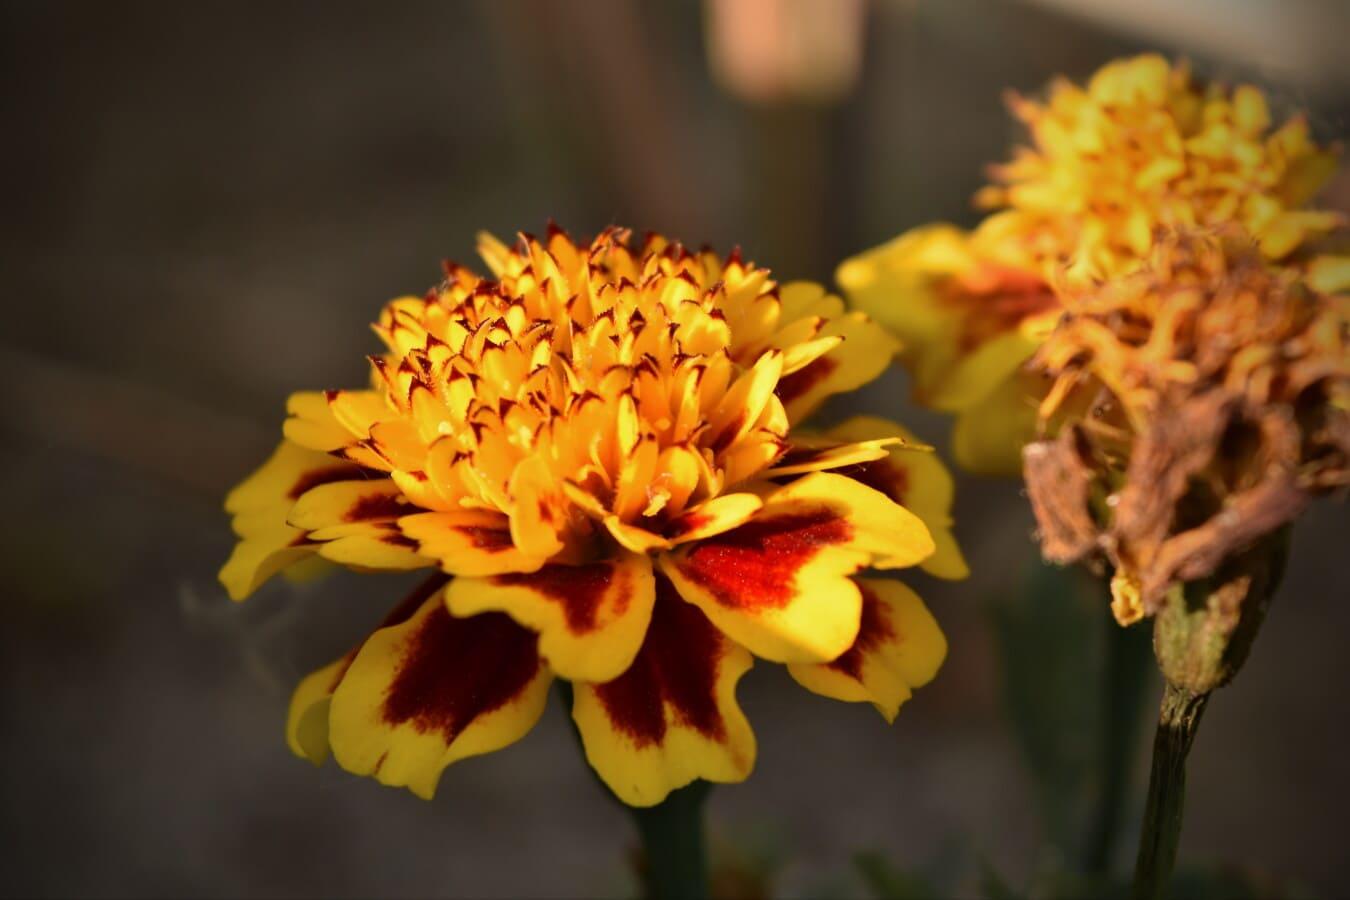 Nelke, Wildblumen, Blütenblätter, gelb, Blume, Kraut, Blütenblatt, Natur, Anlage, Flora